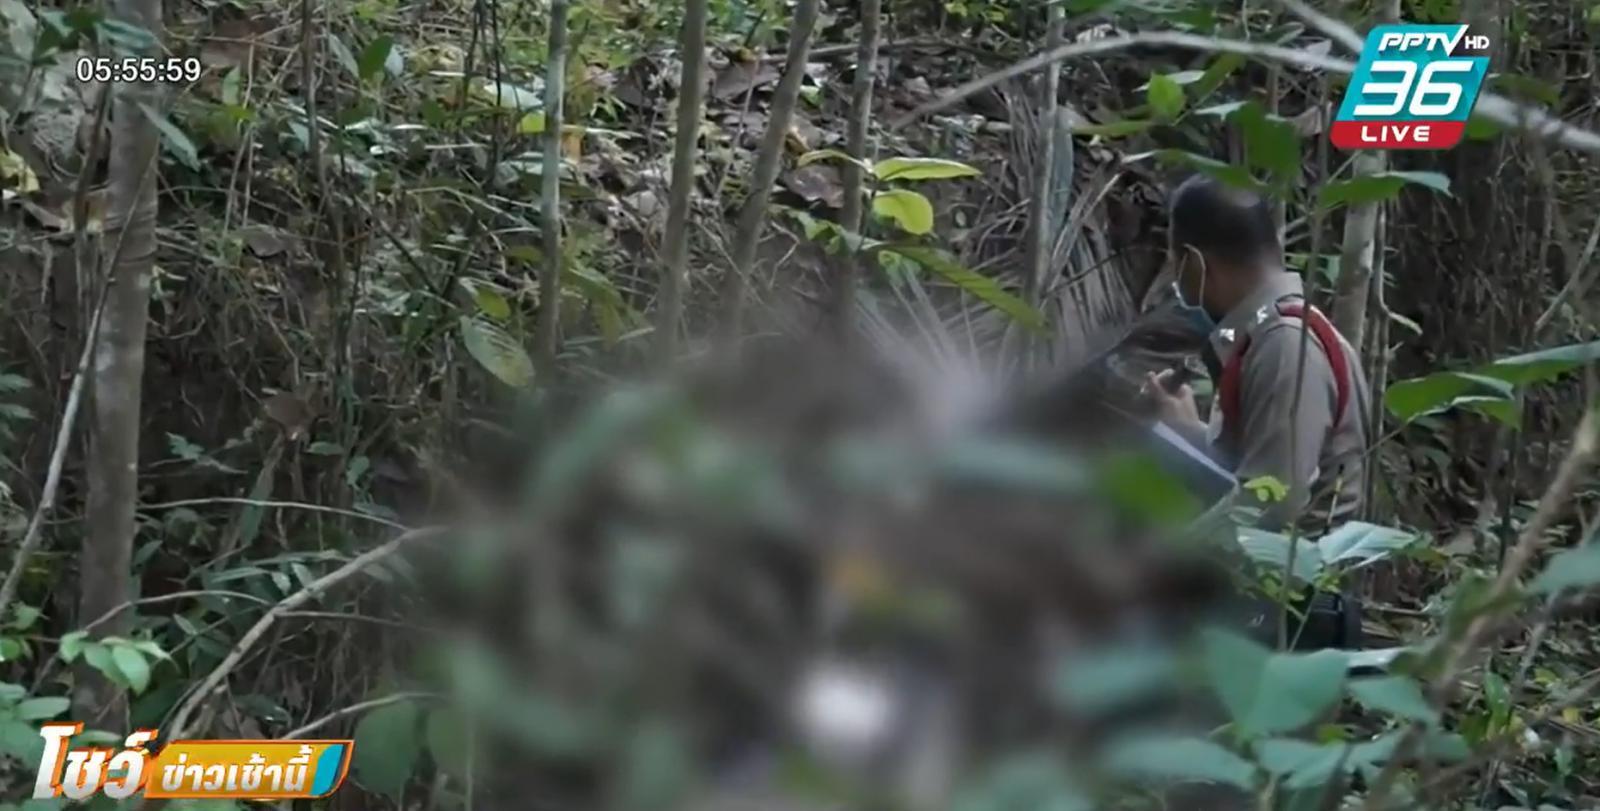 พบศพสาวยูเครน เสียชีวิตปริศนากลางป่ารกเกาะสมุย